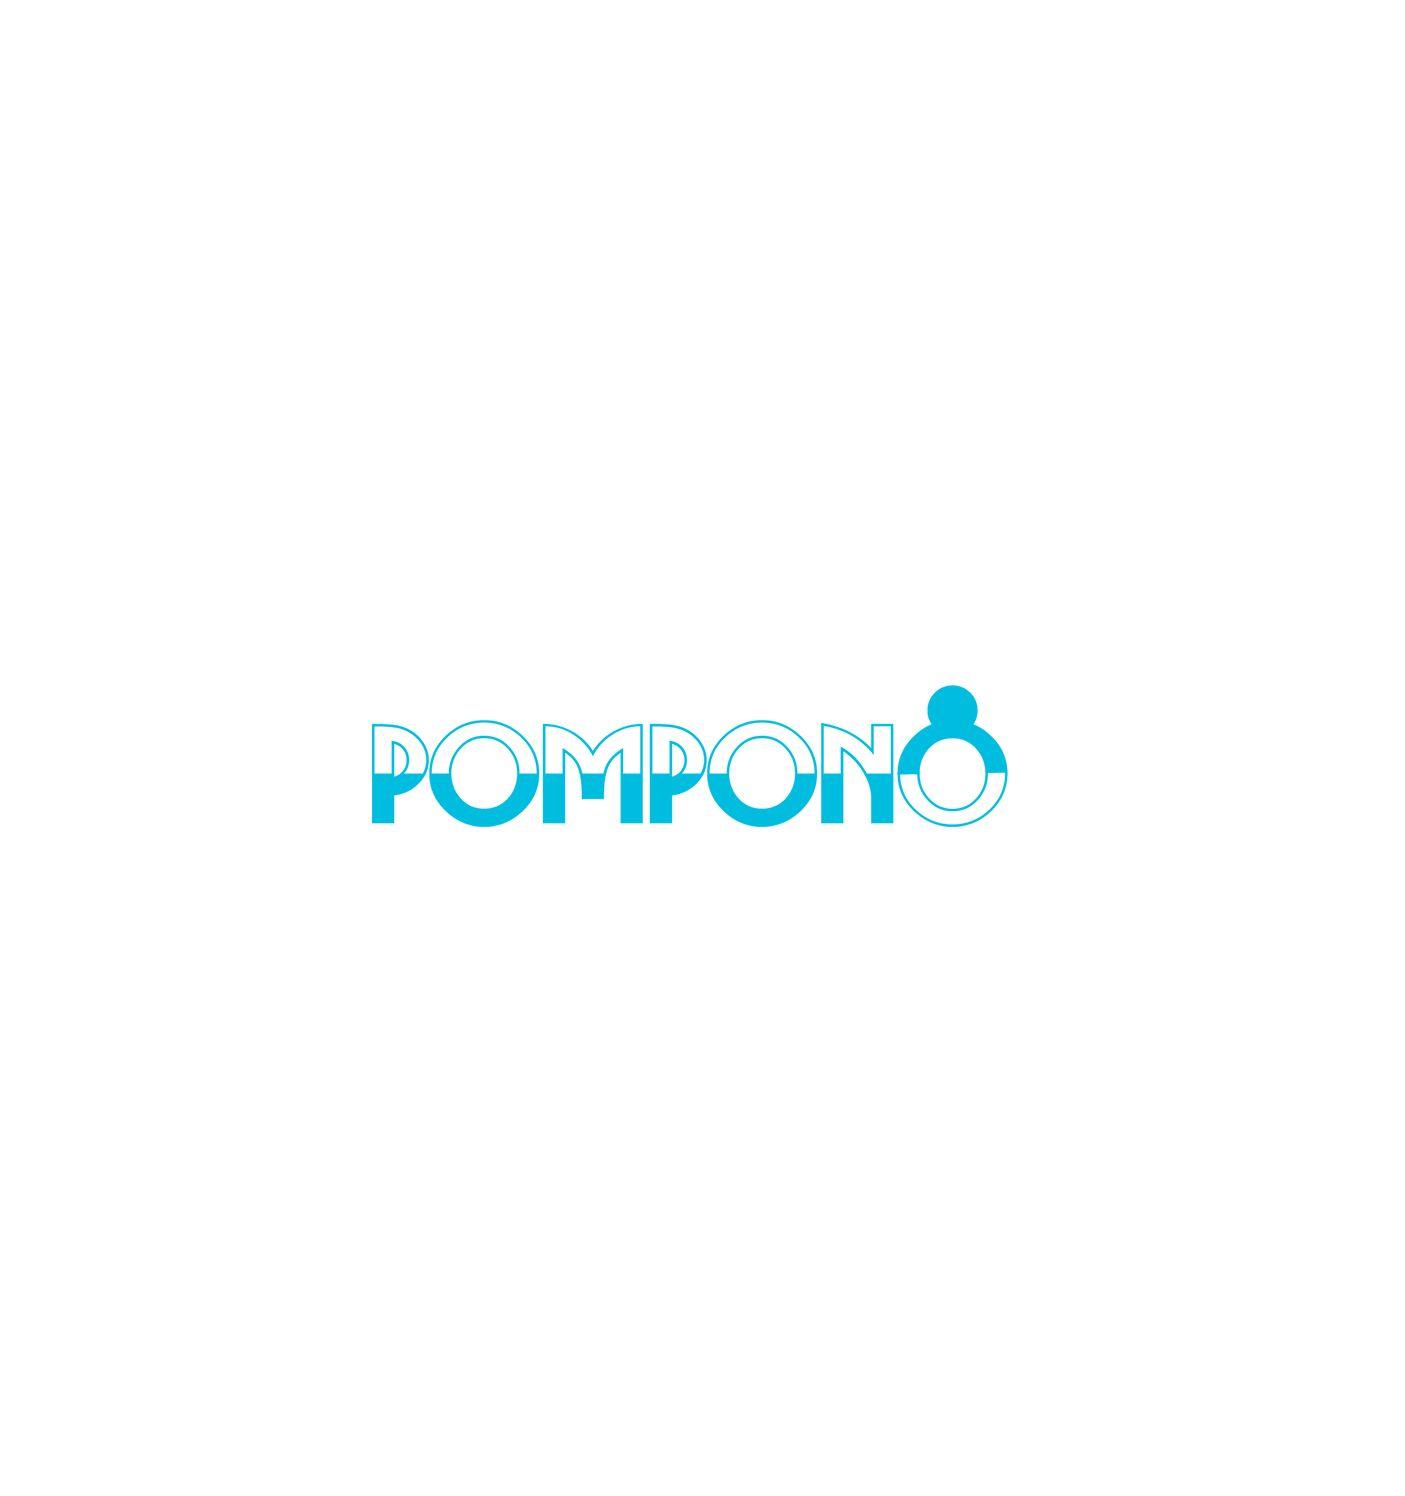 Логотип для шапок Pompono - дизайнер SmolinDenis